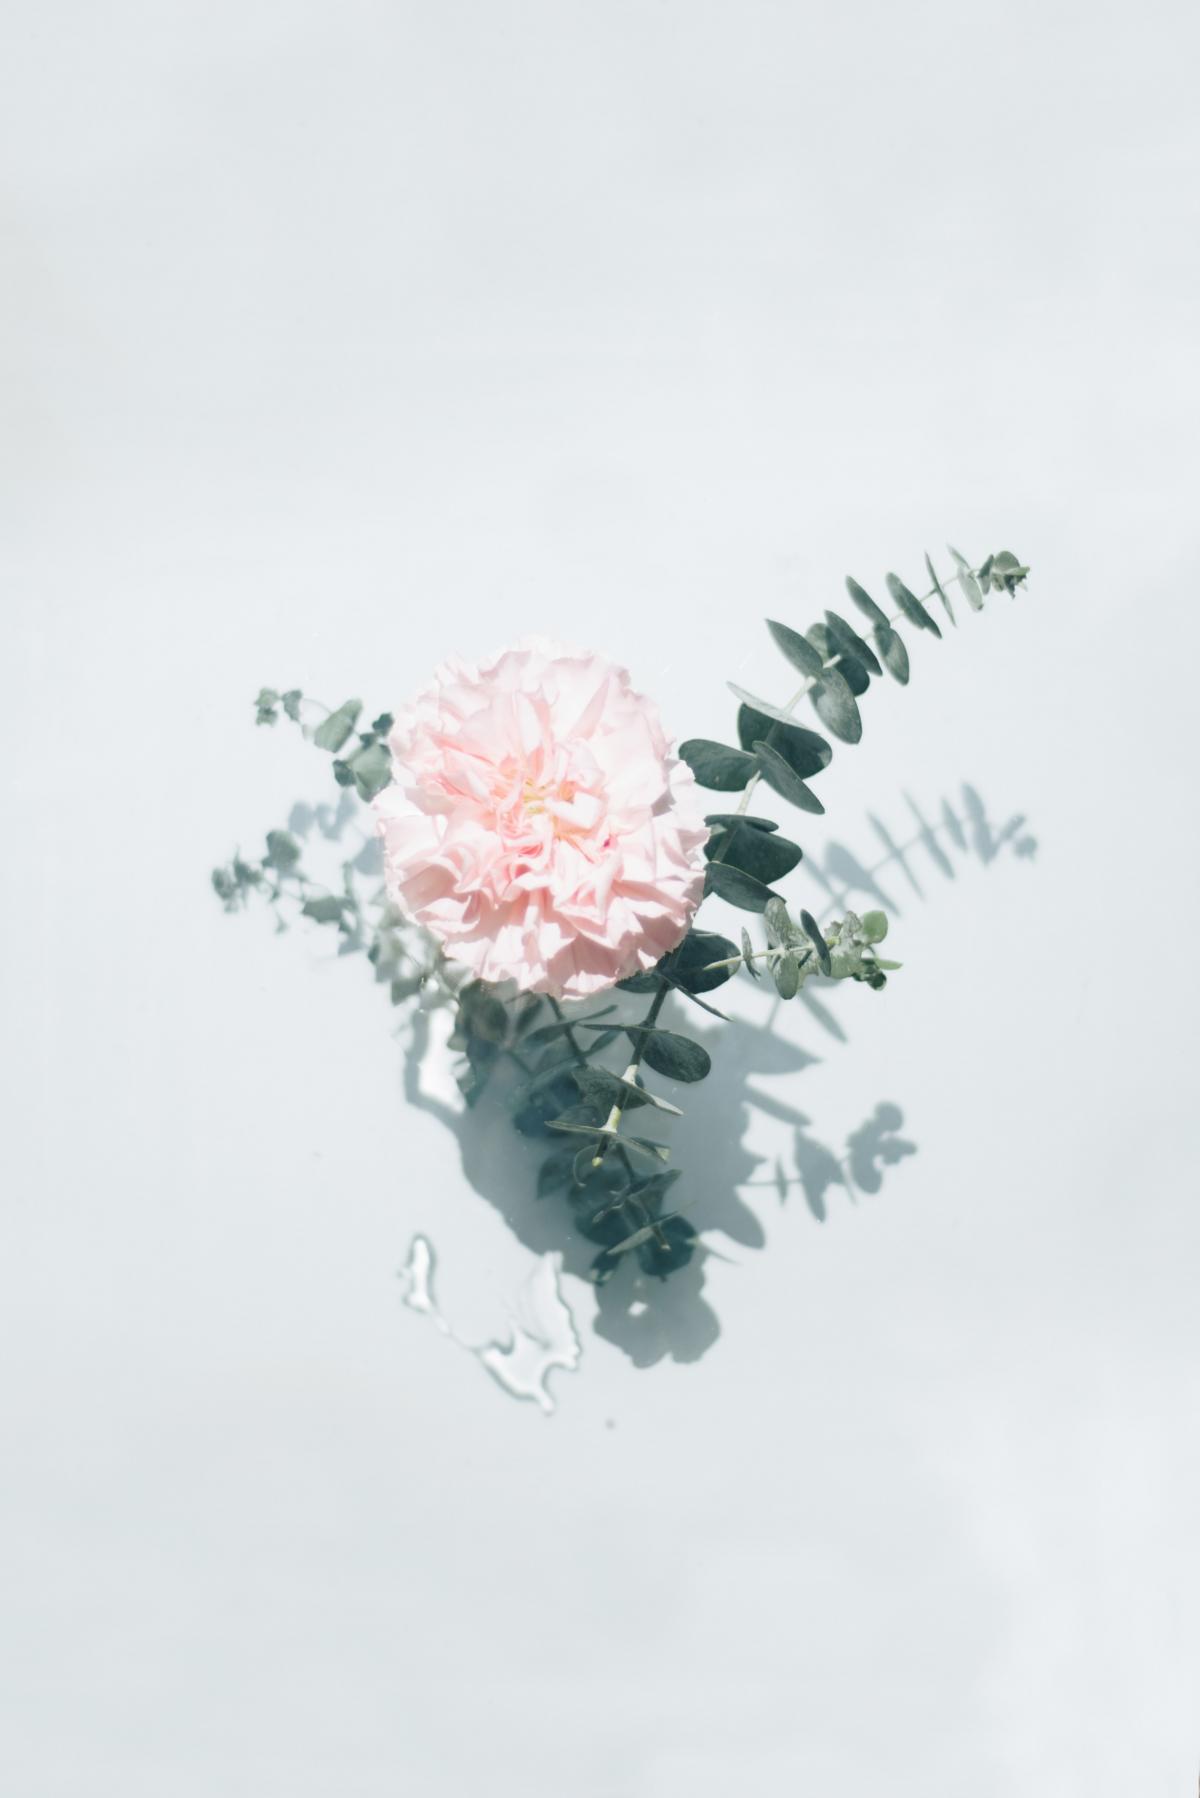 Floral Design Flower #419041